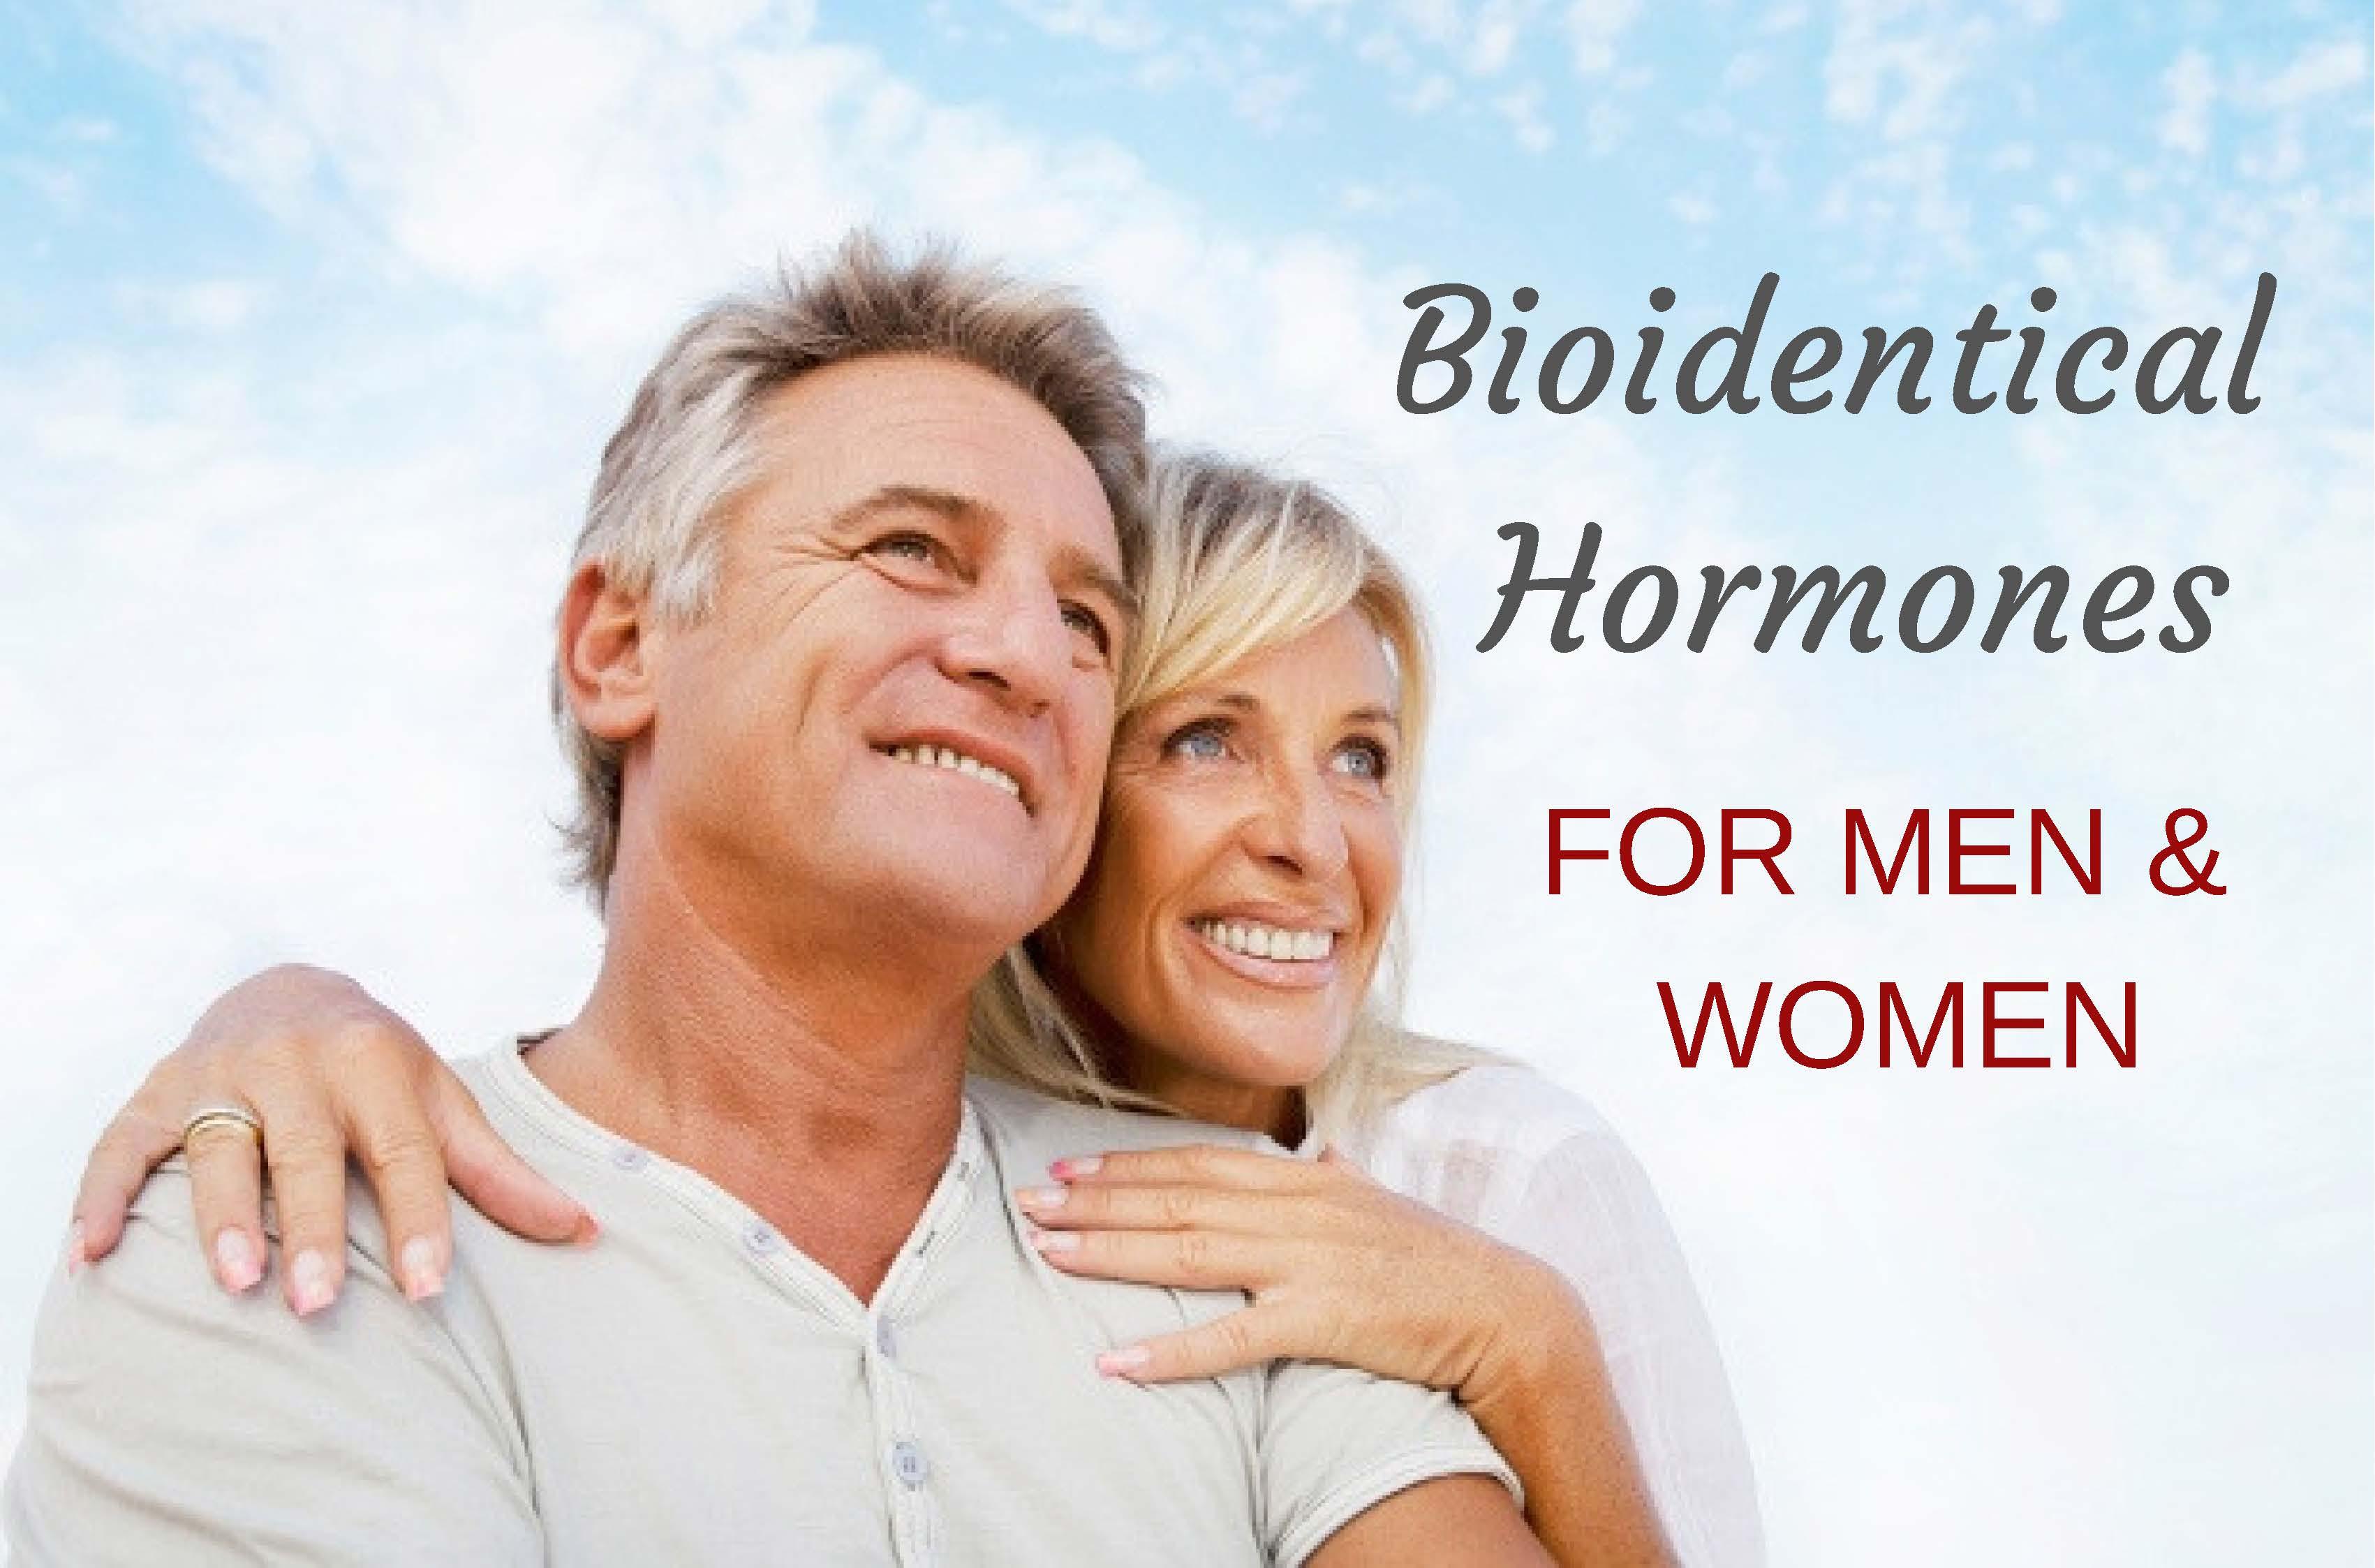 Bioidentical-Hormones